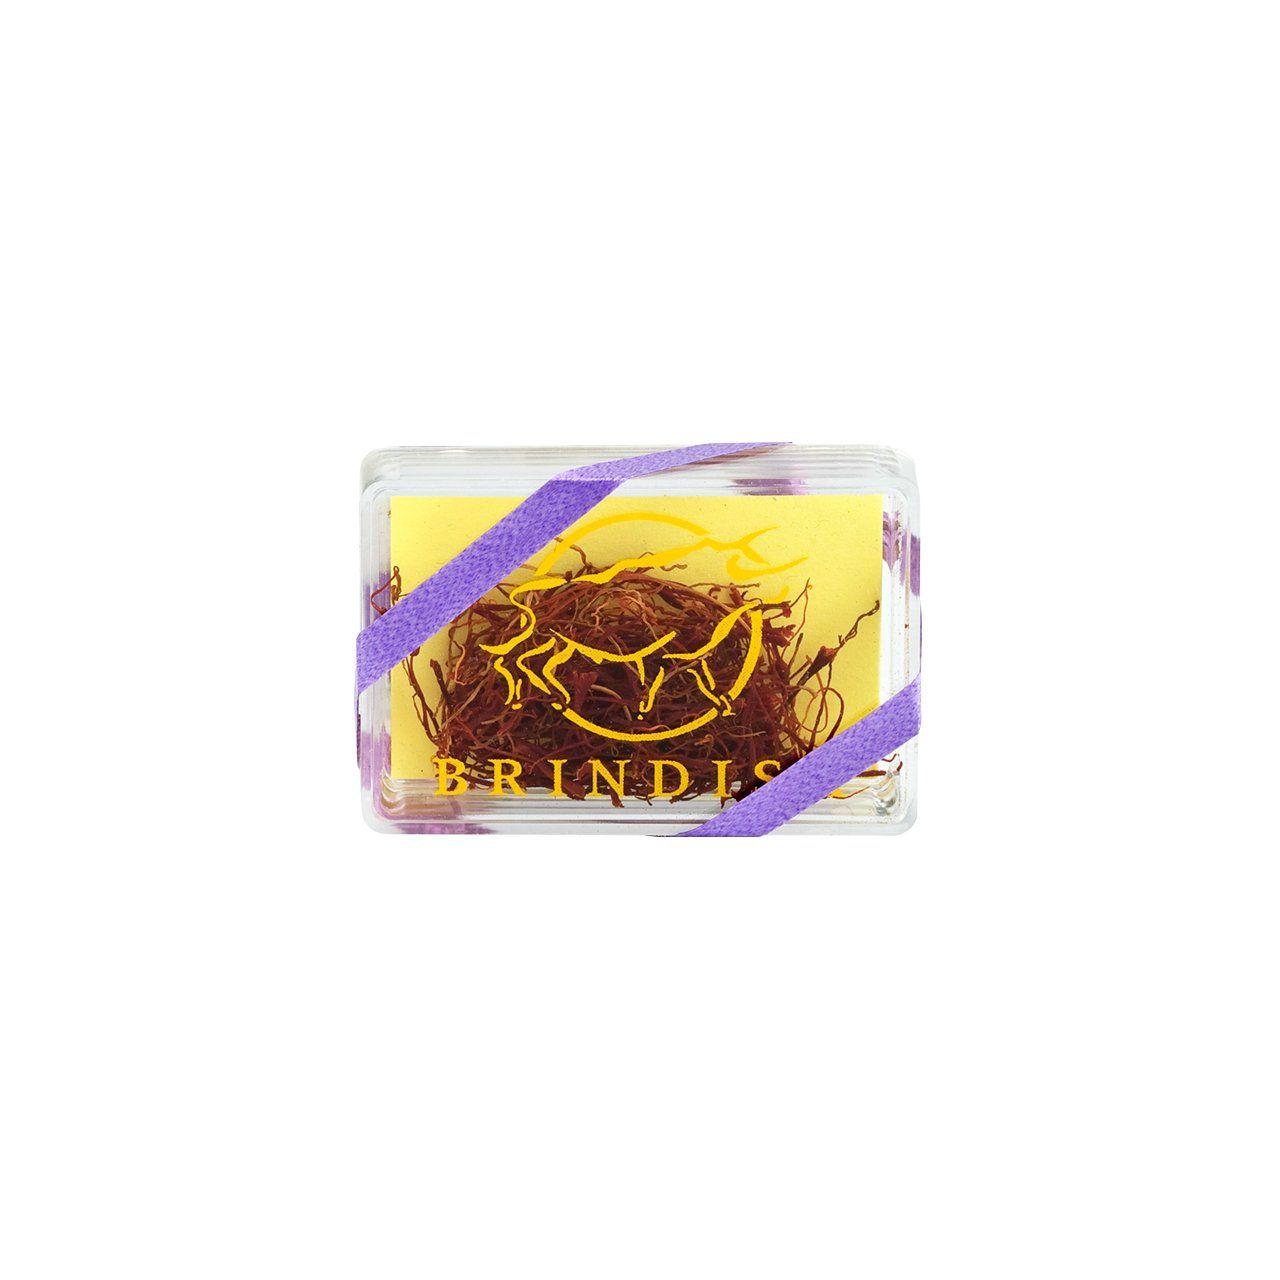 Brindisa Saffron